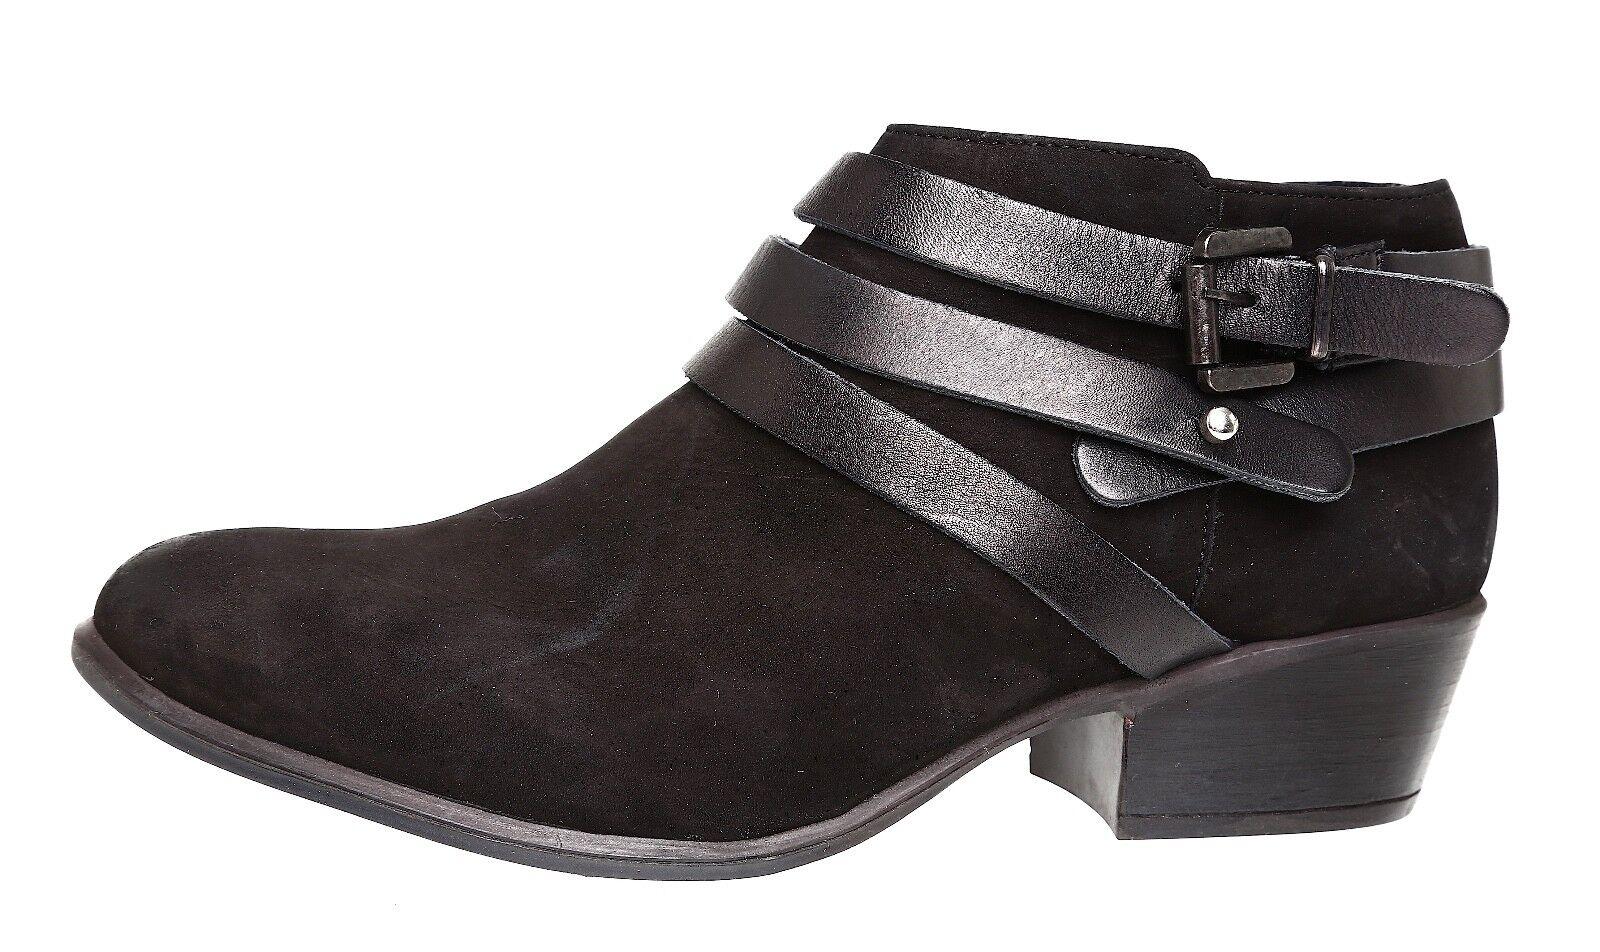 Steve Madden Regennt Leather Bootie Black Women Sz 9 M 4064